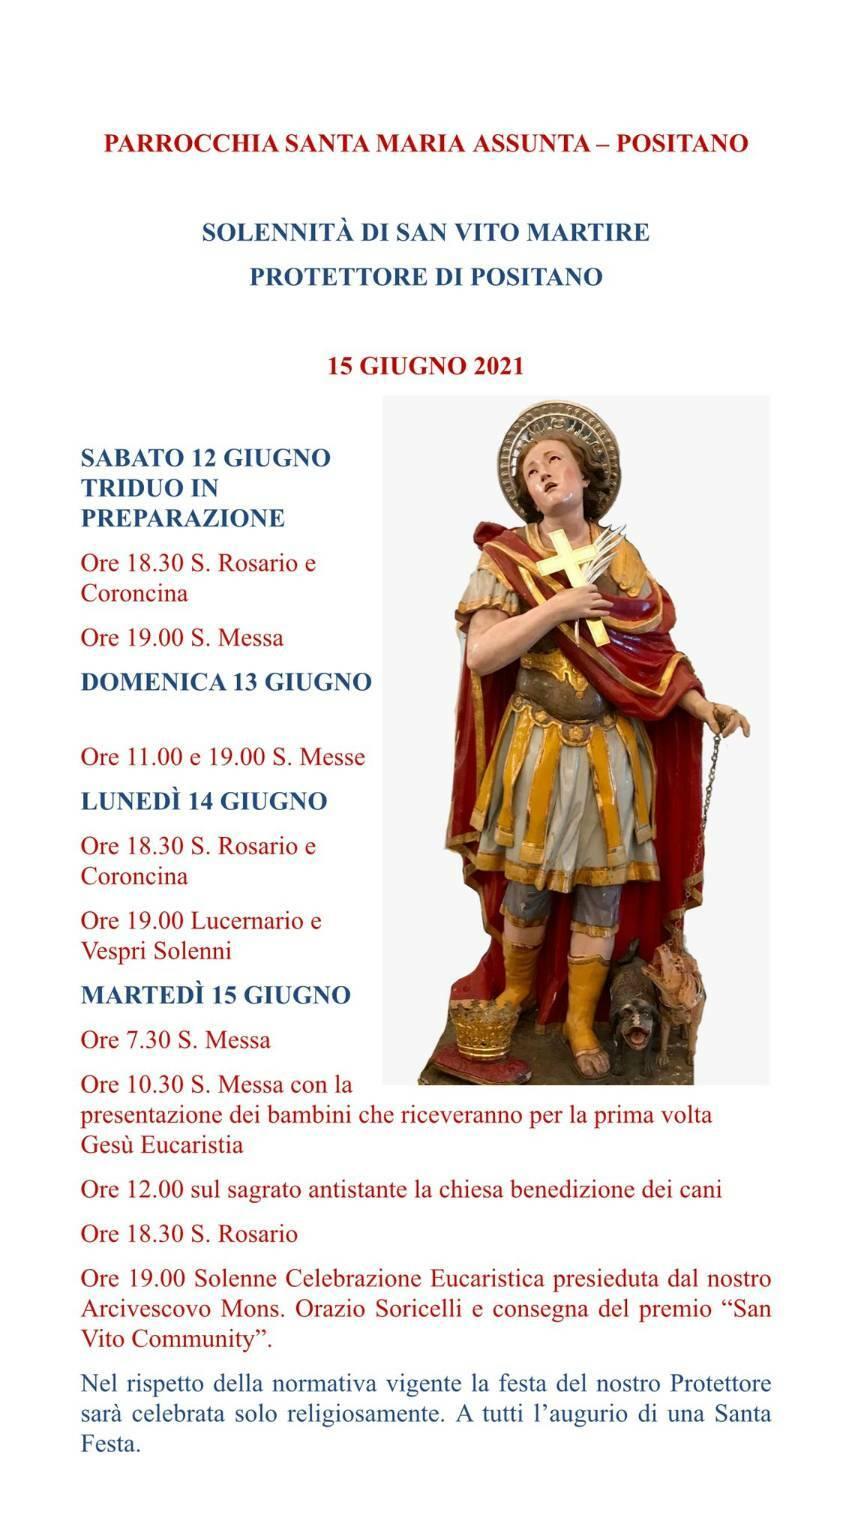 Positano, Parrocchia Santa Maria Assunta: il programma per la Solennità di San Vito Martire